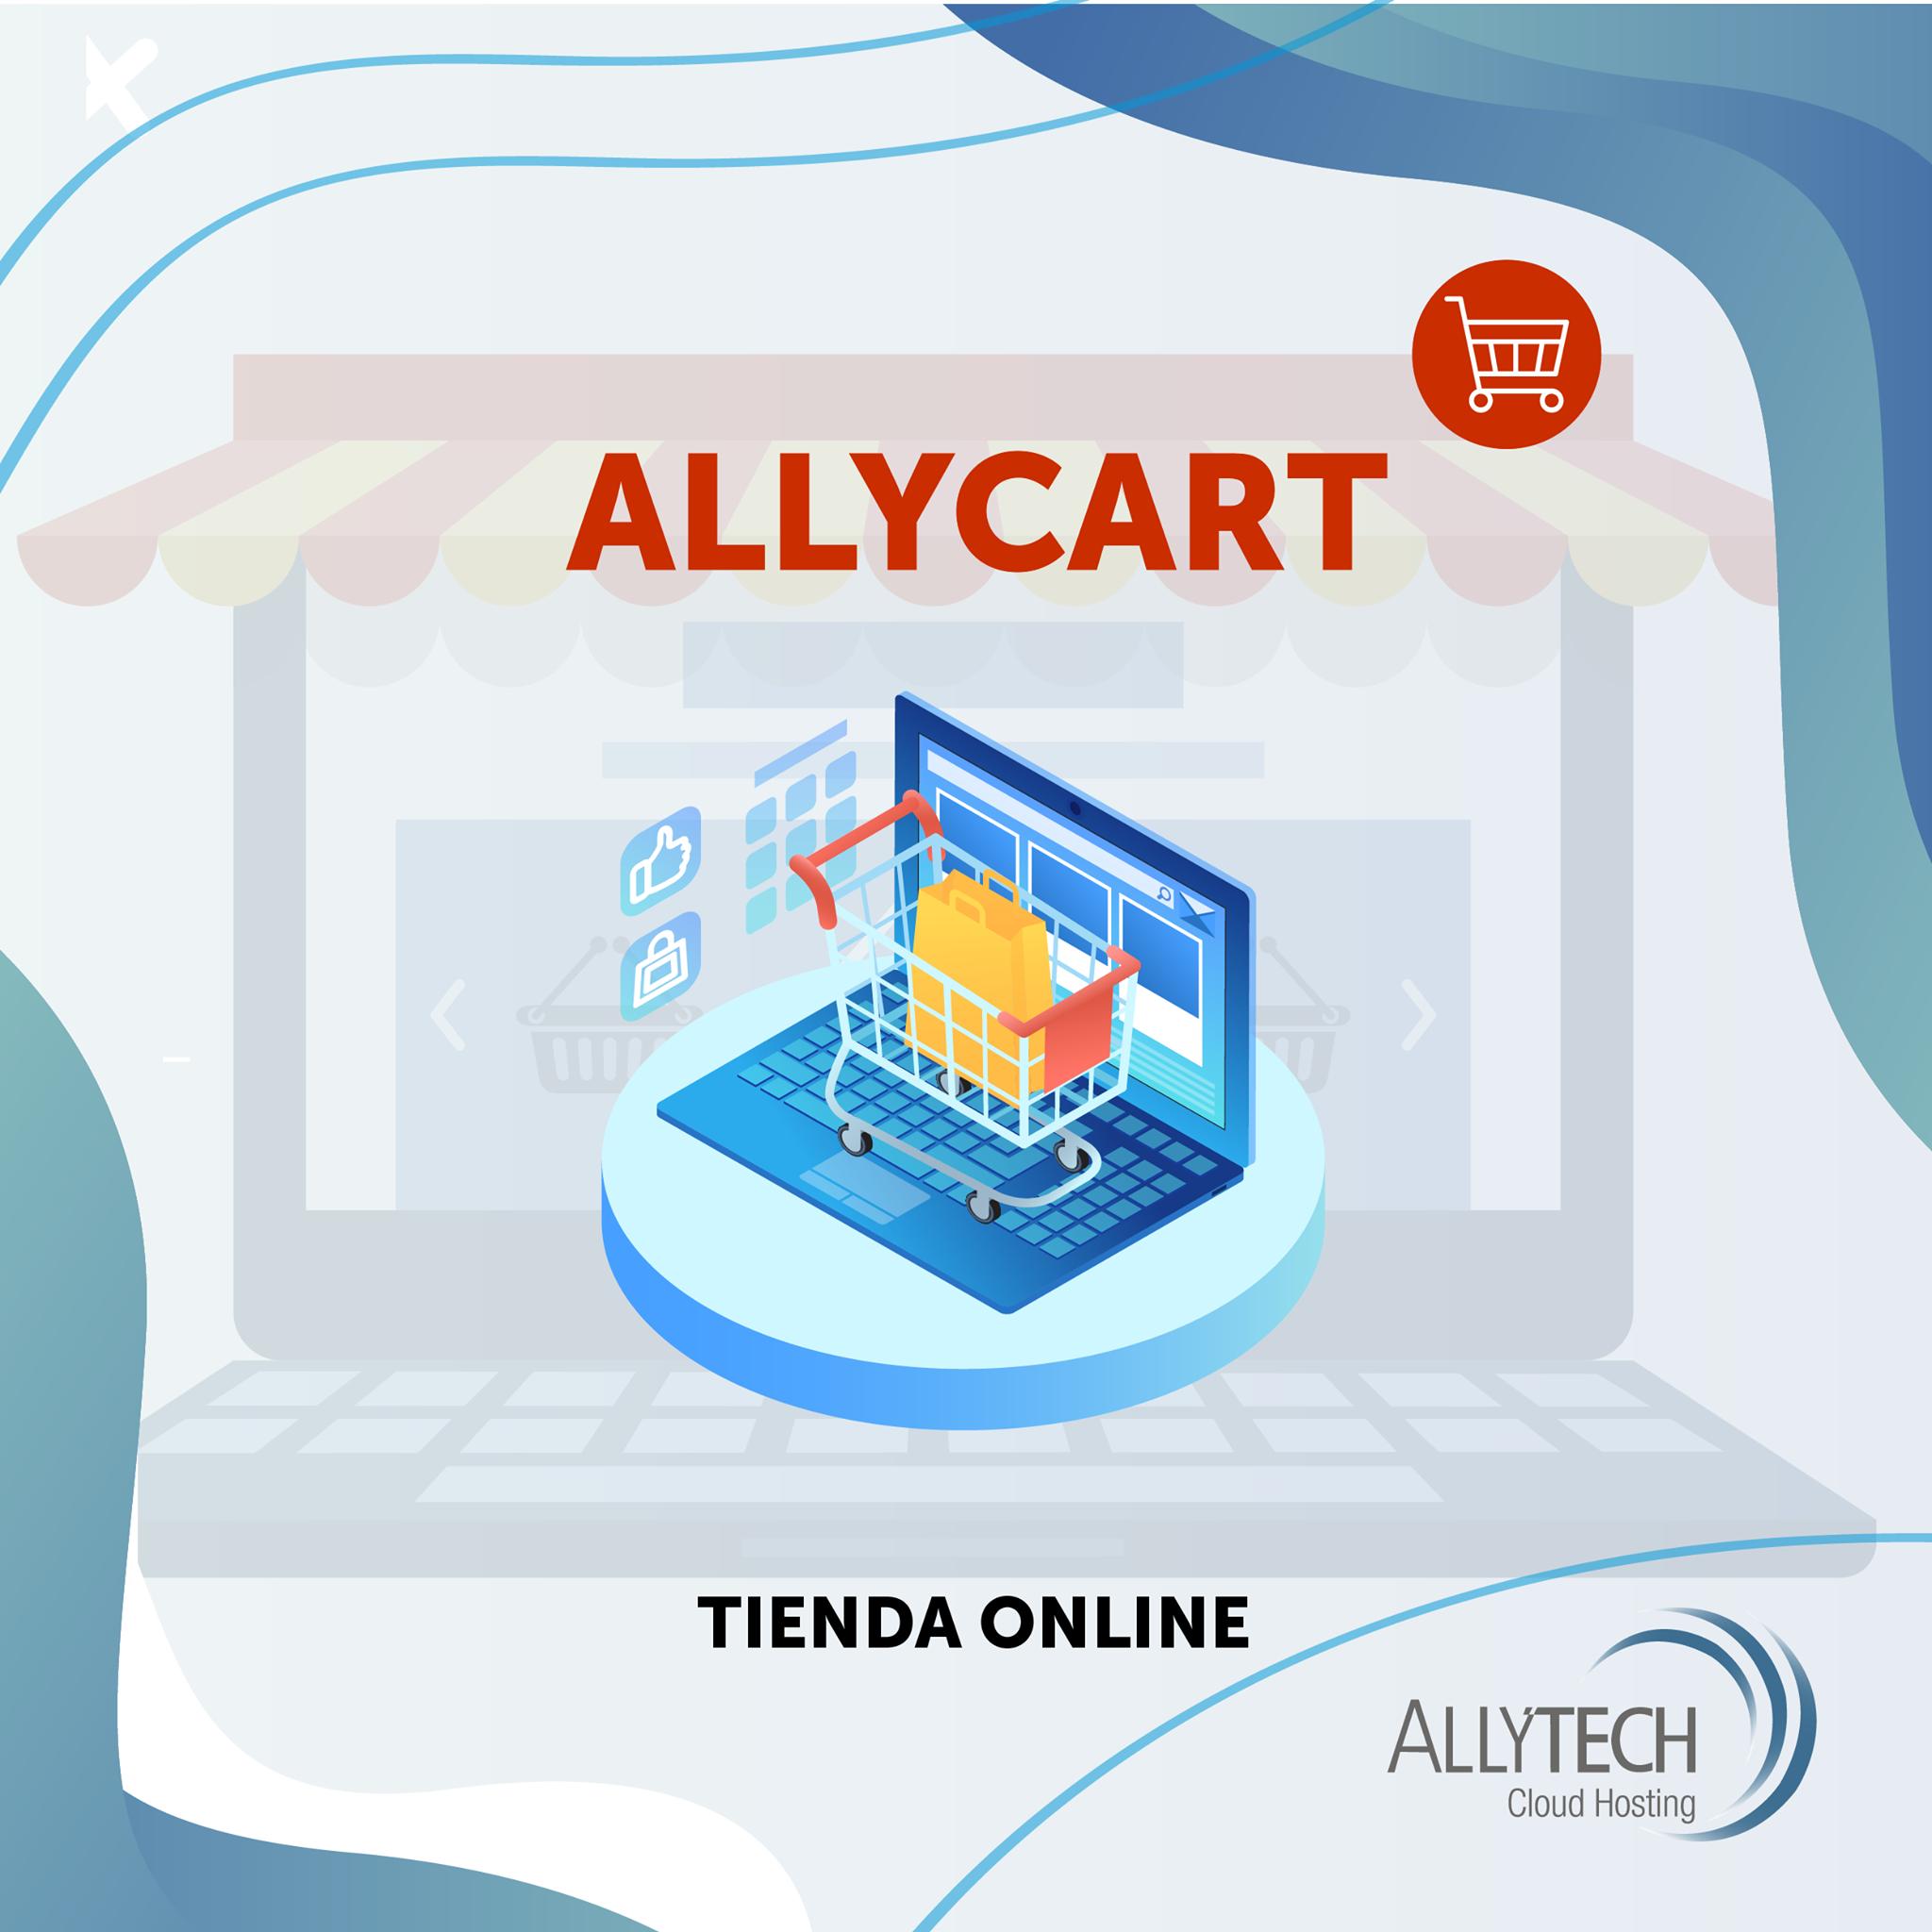 Allycart, una tienda online 360